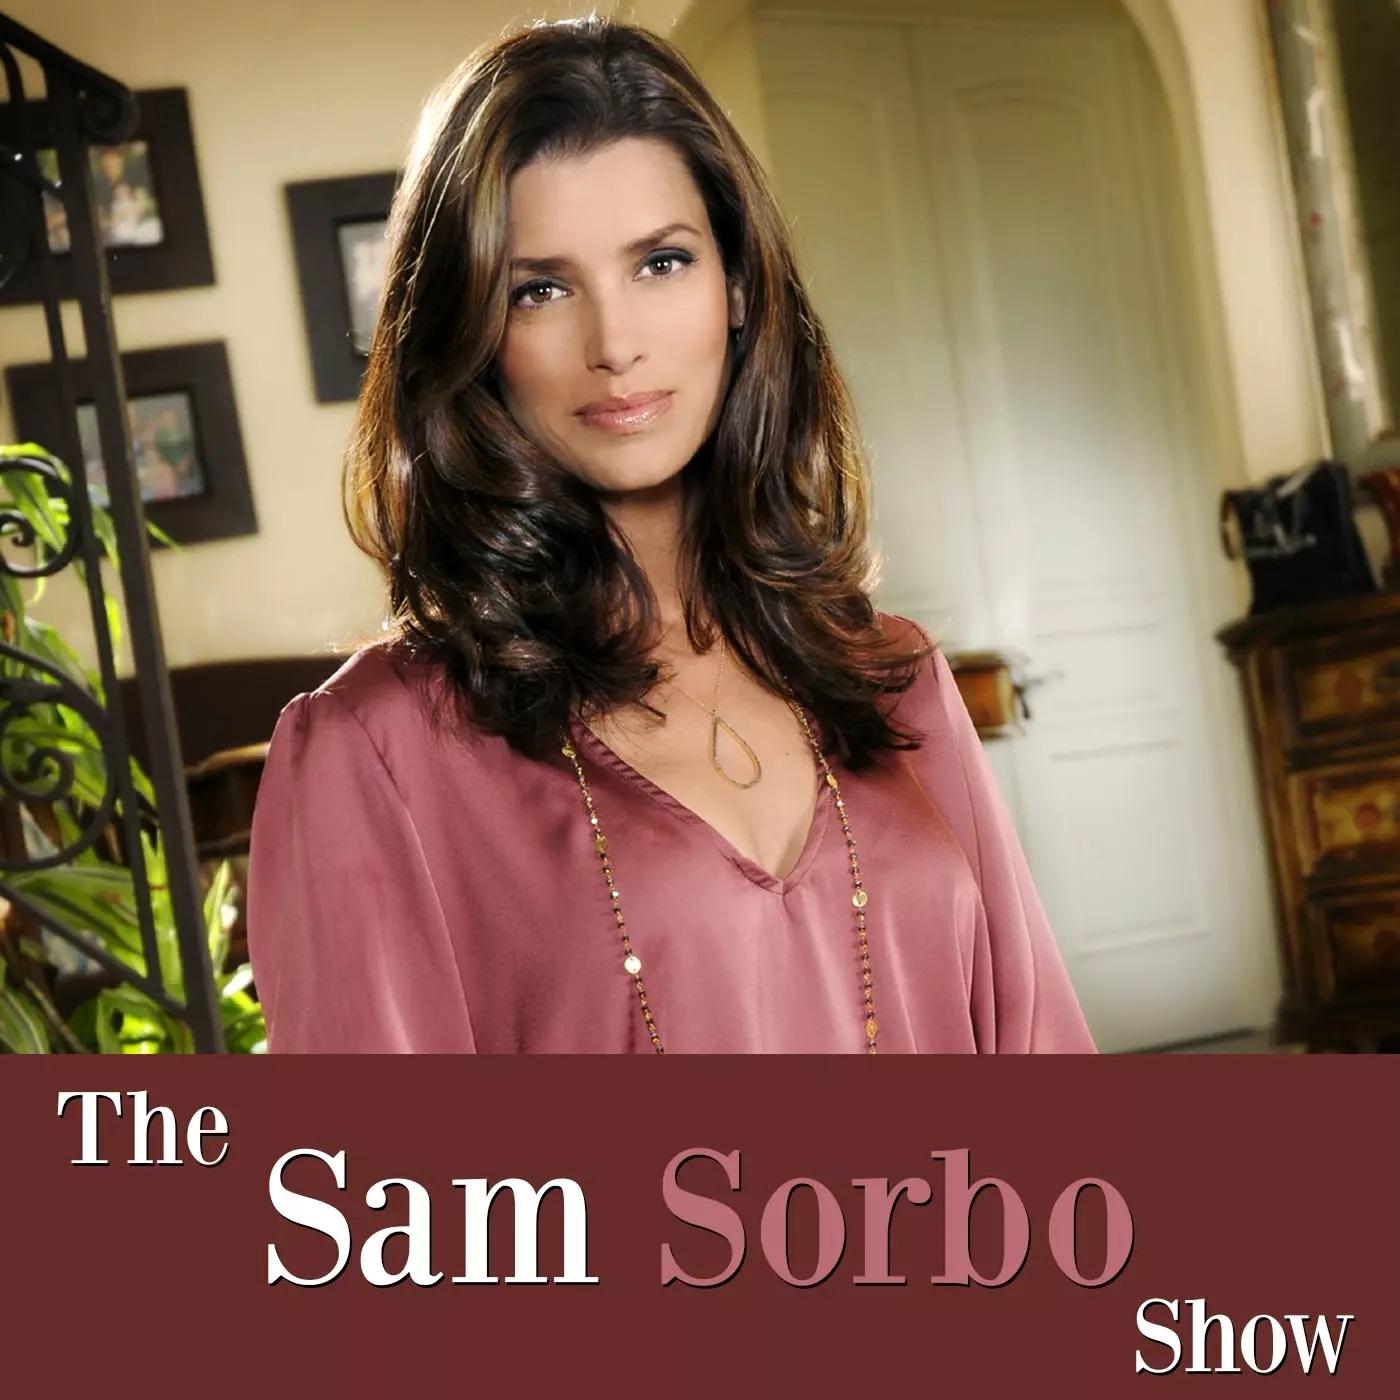 Sam Sorbo